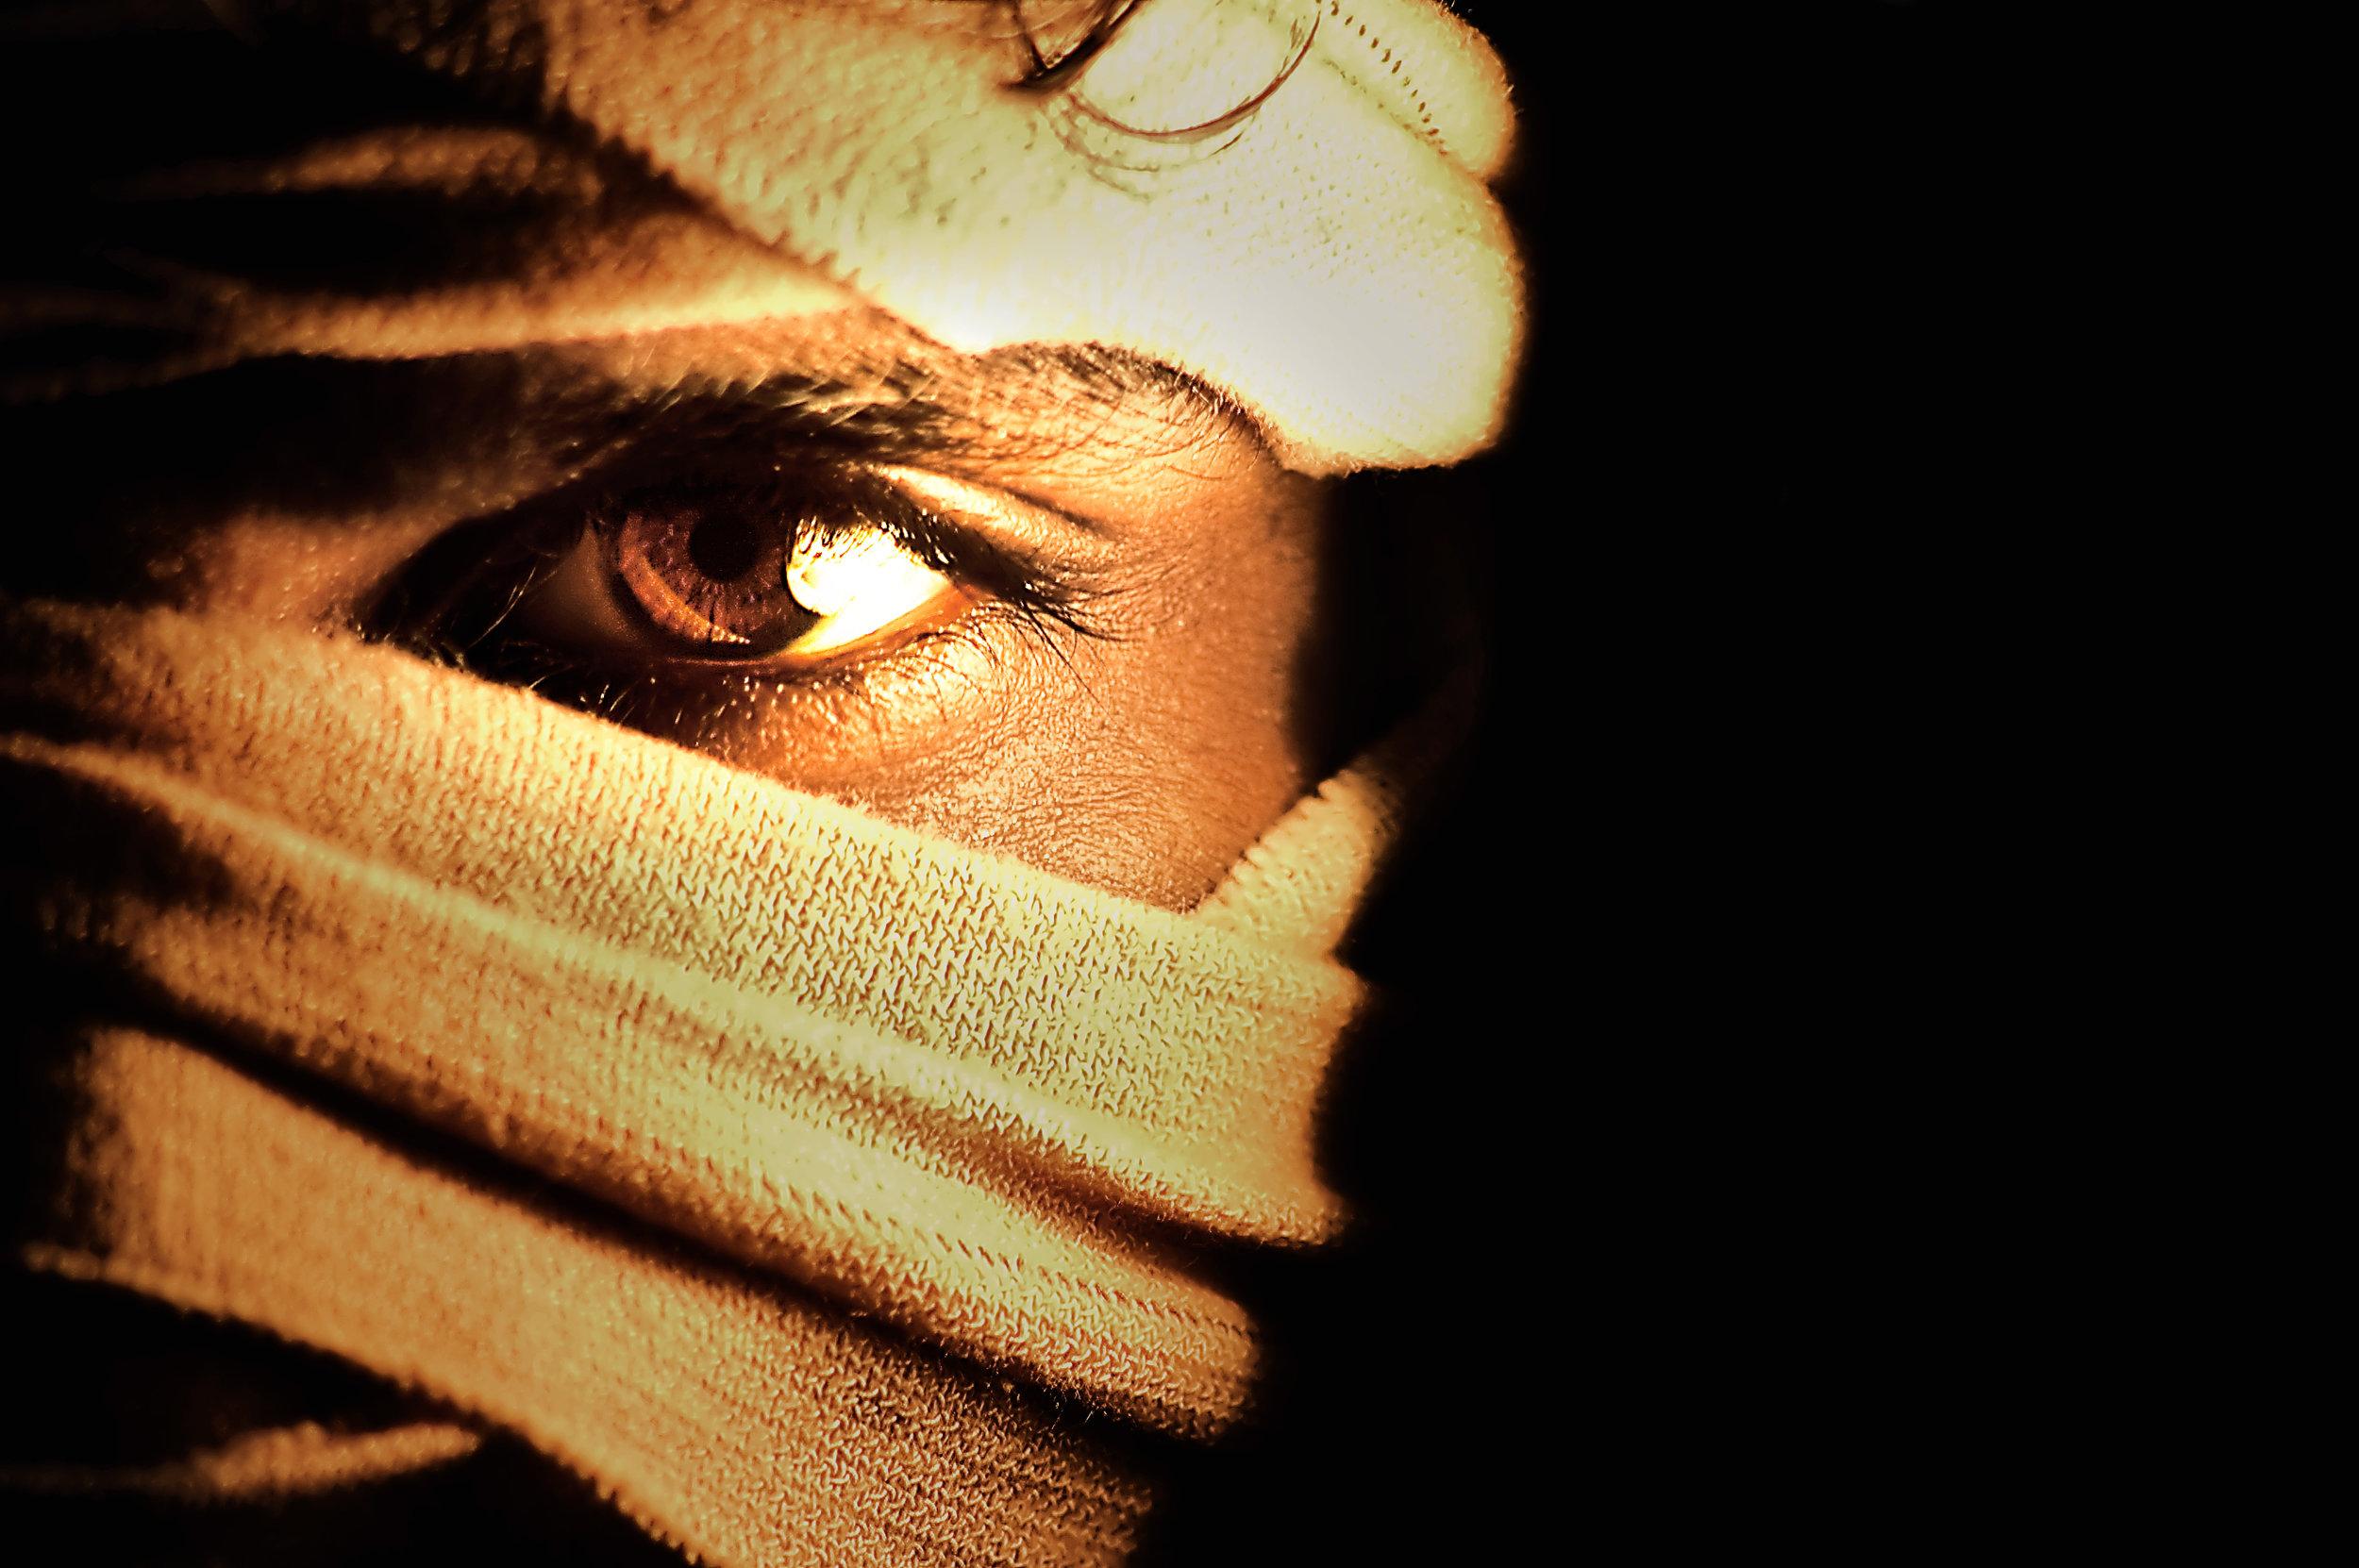 Self Portrait. Nikon D70s. (2007)